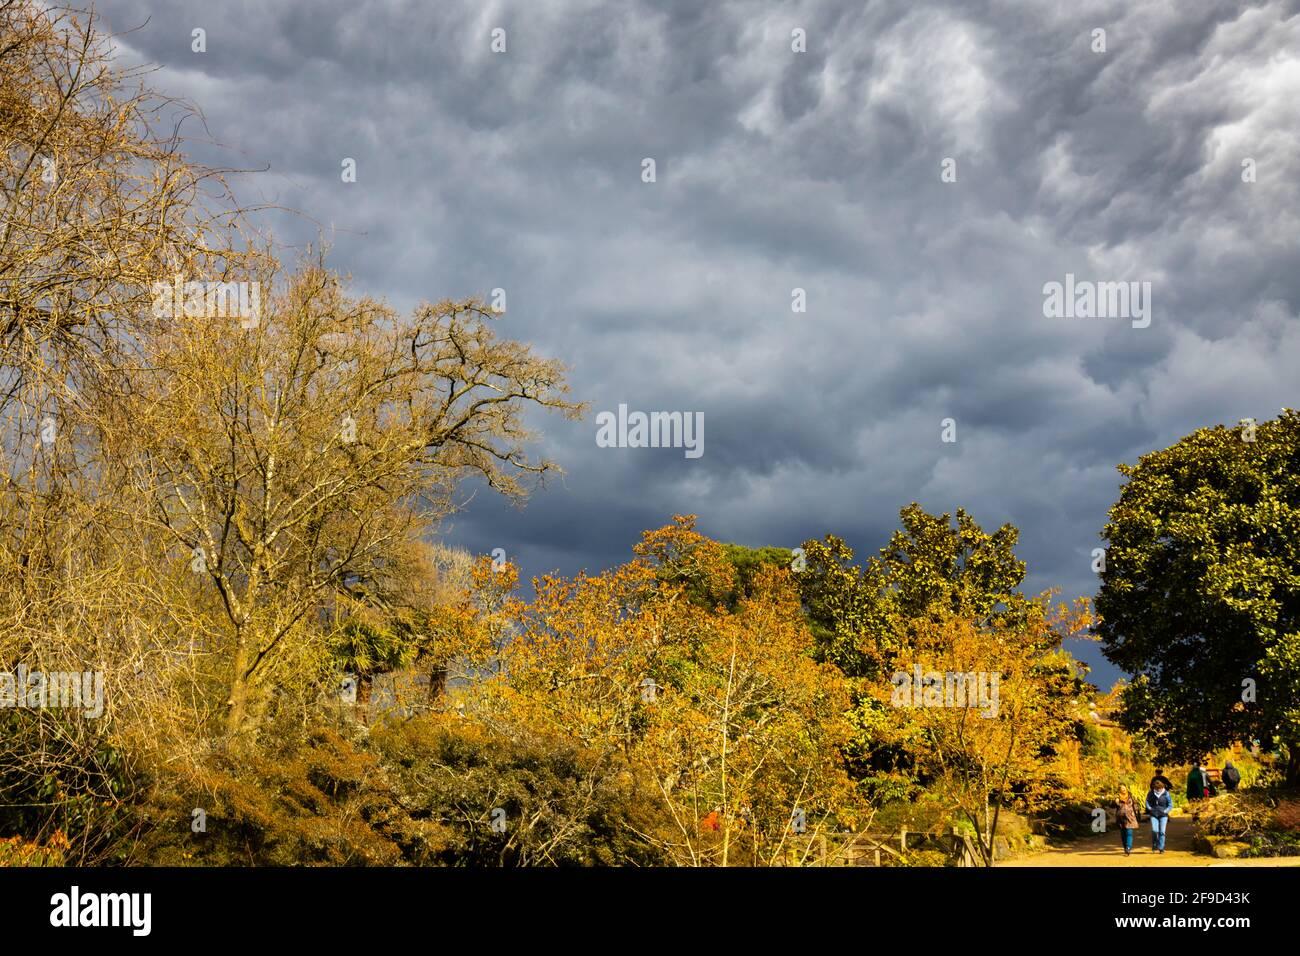 Cielo drammatico con nuvole di tempesta grigia sopra il gelo danneggiato magnolia alberi in RHS Garden, Wisley, Surrey, sud-est Inghilterra in primavera prima pioggia pesante Foto Stock